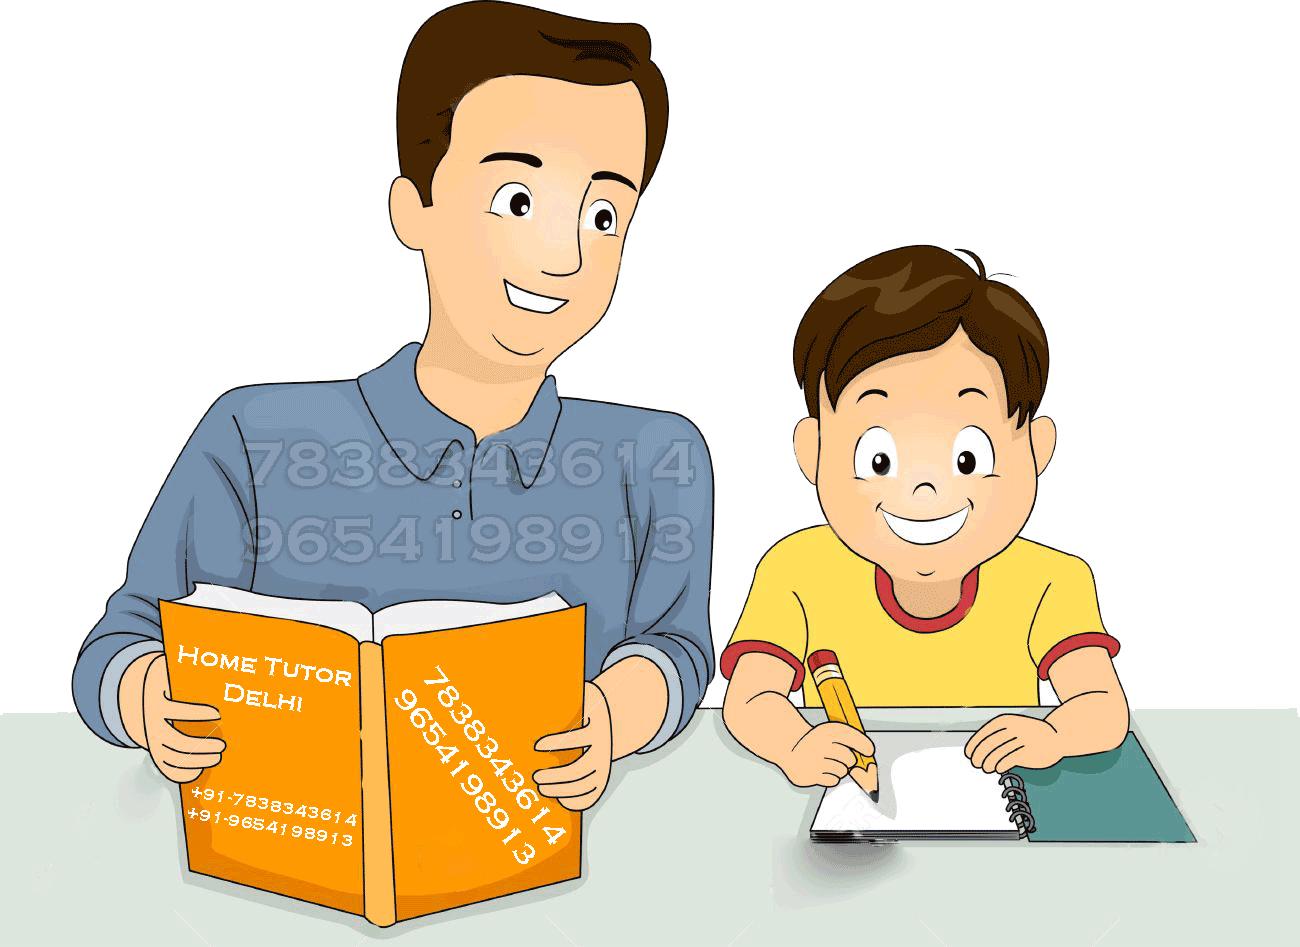 Teach clipart tutoring. Home tuition in delhi